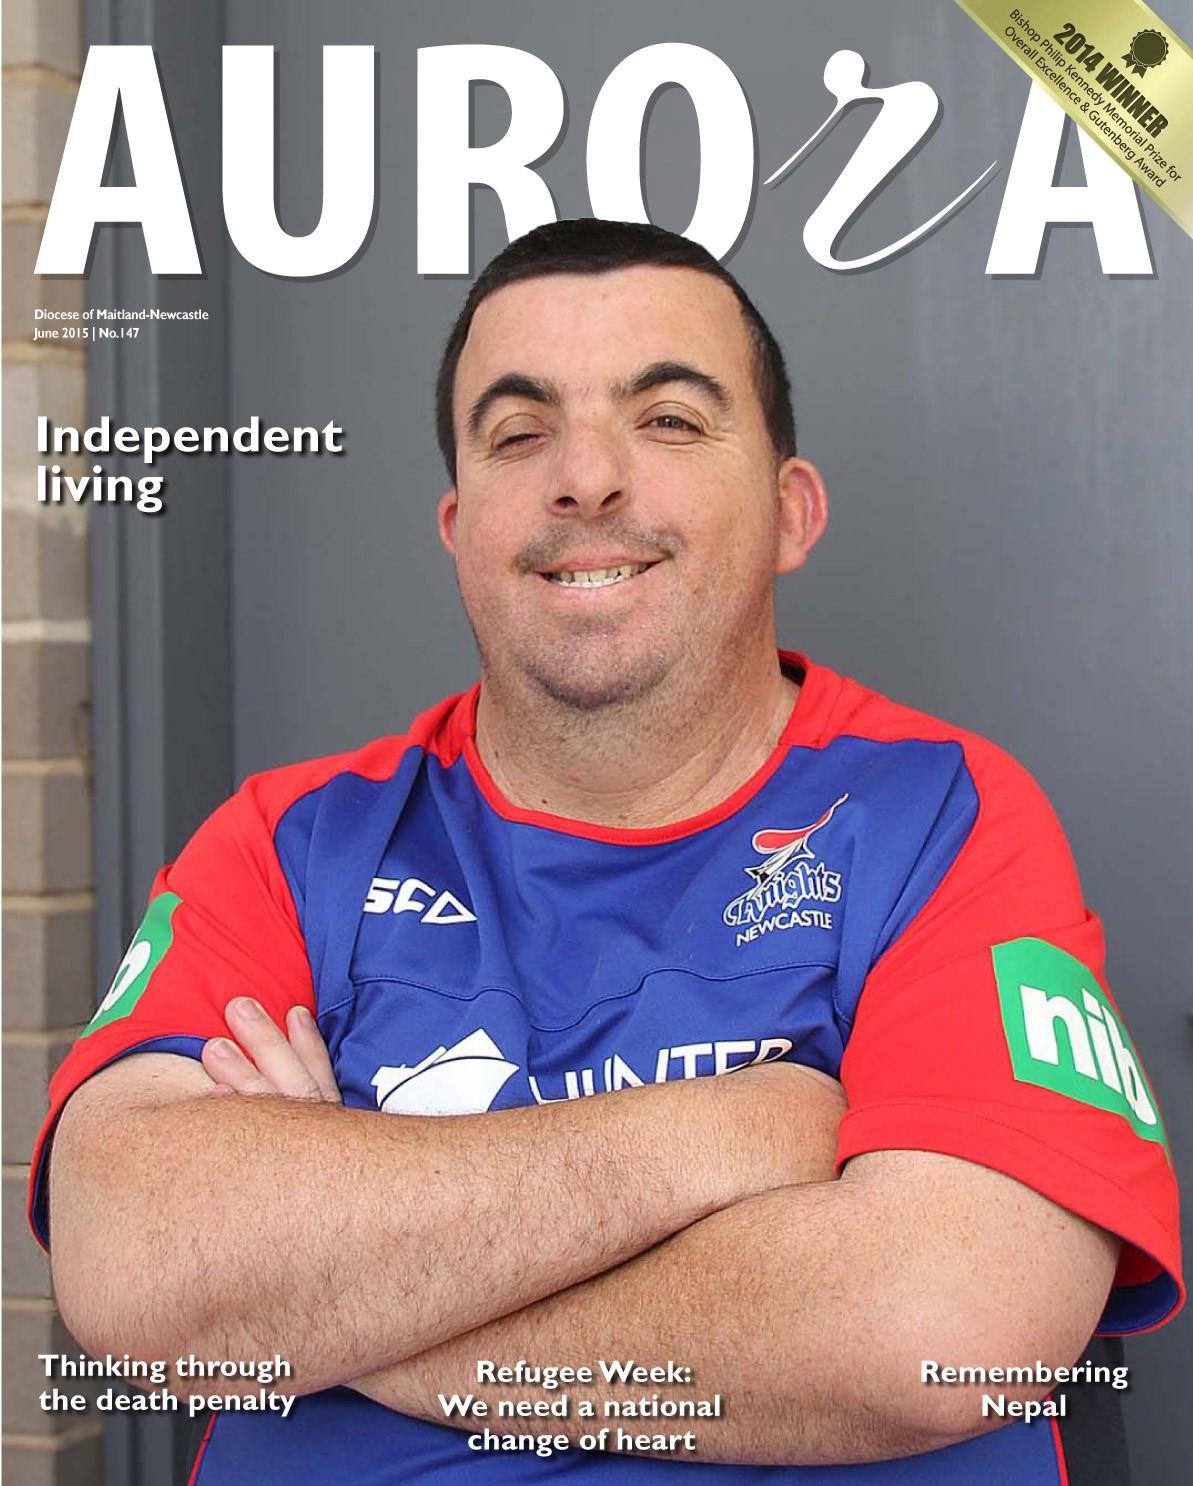 Aurora June 2015 Cover Image